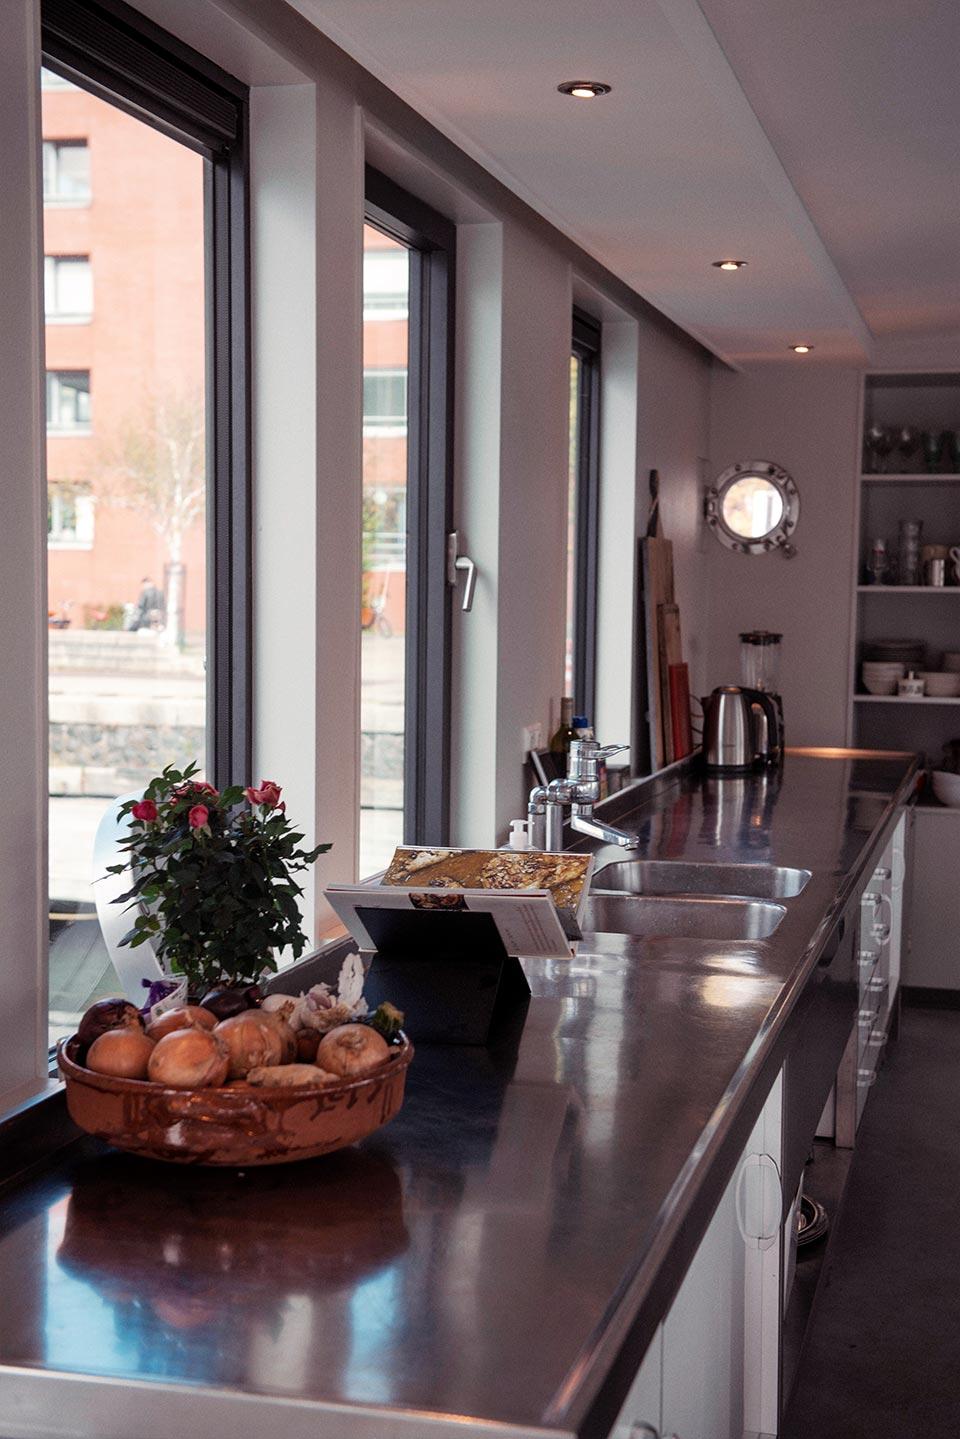 Η πλήρως λειτουργική κουζίνα ενός πλωτού σπιτιού στο Άμστερνταμ